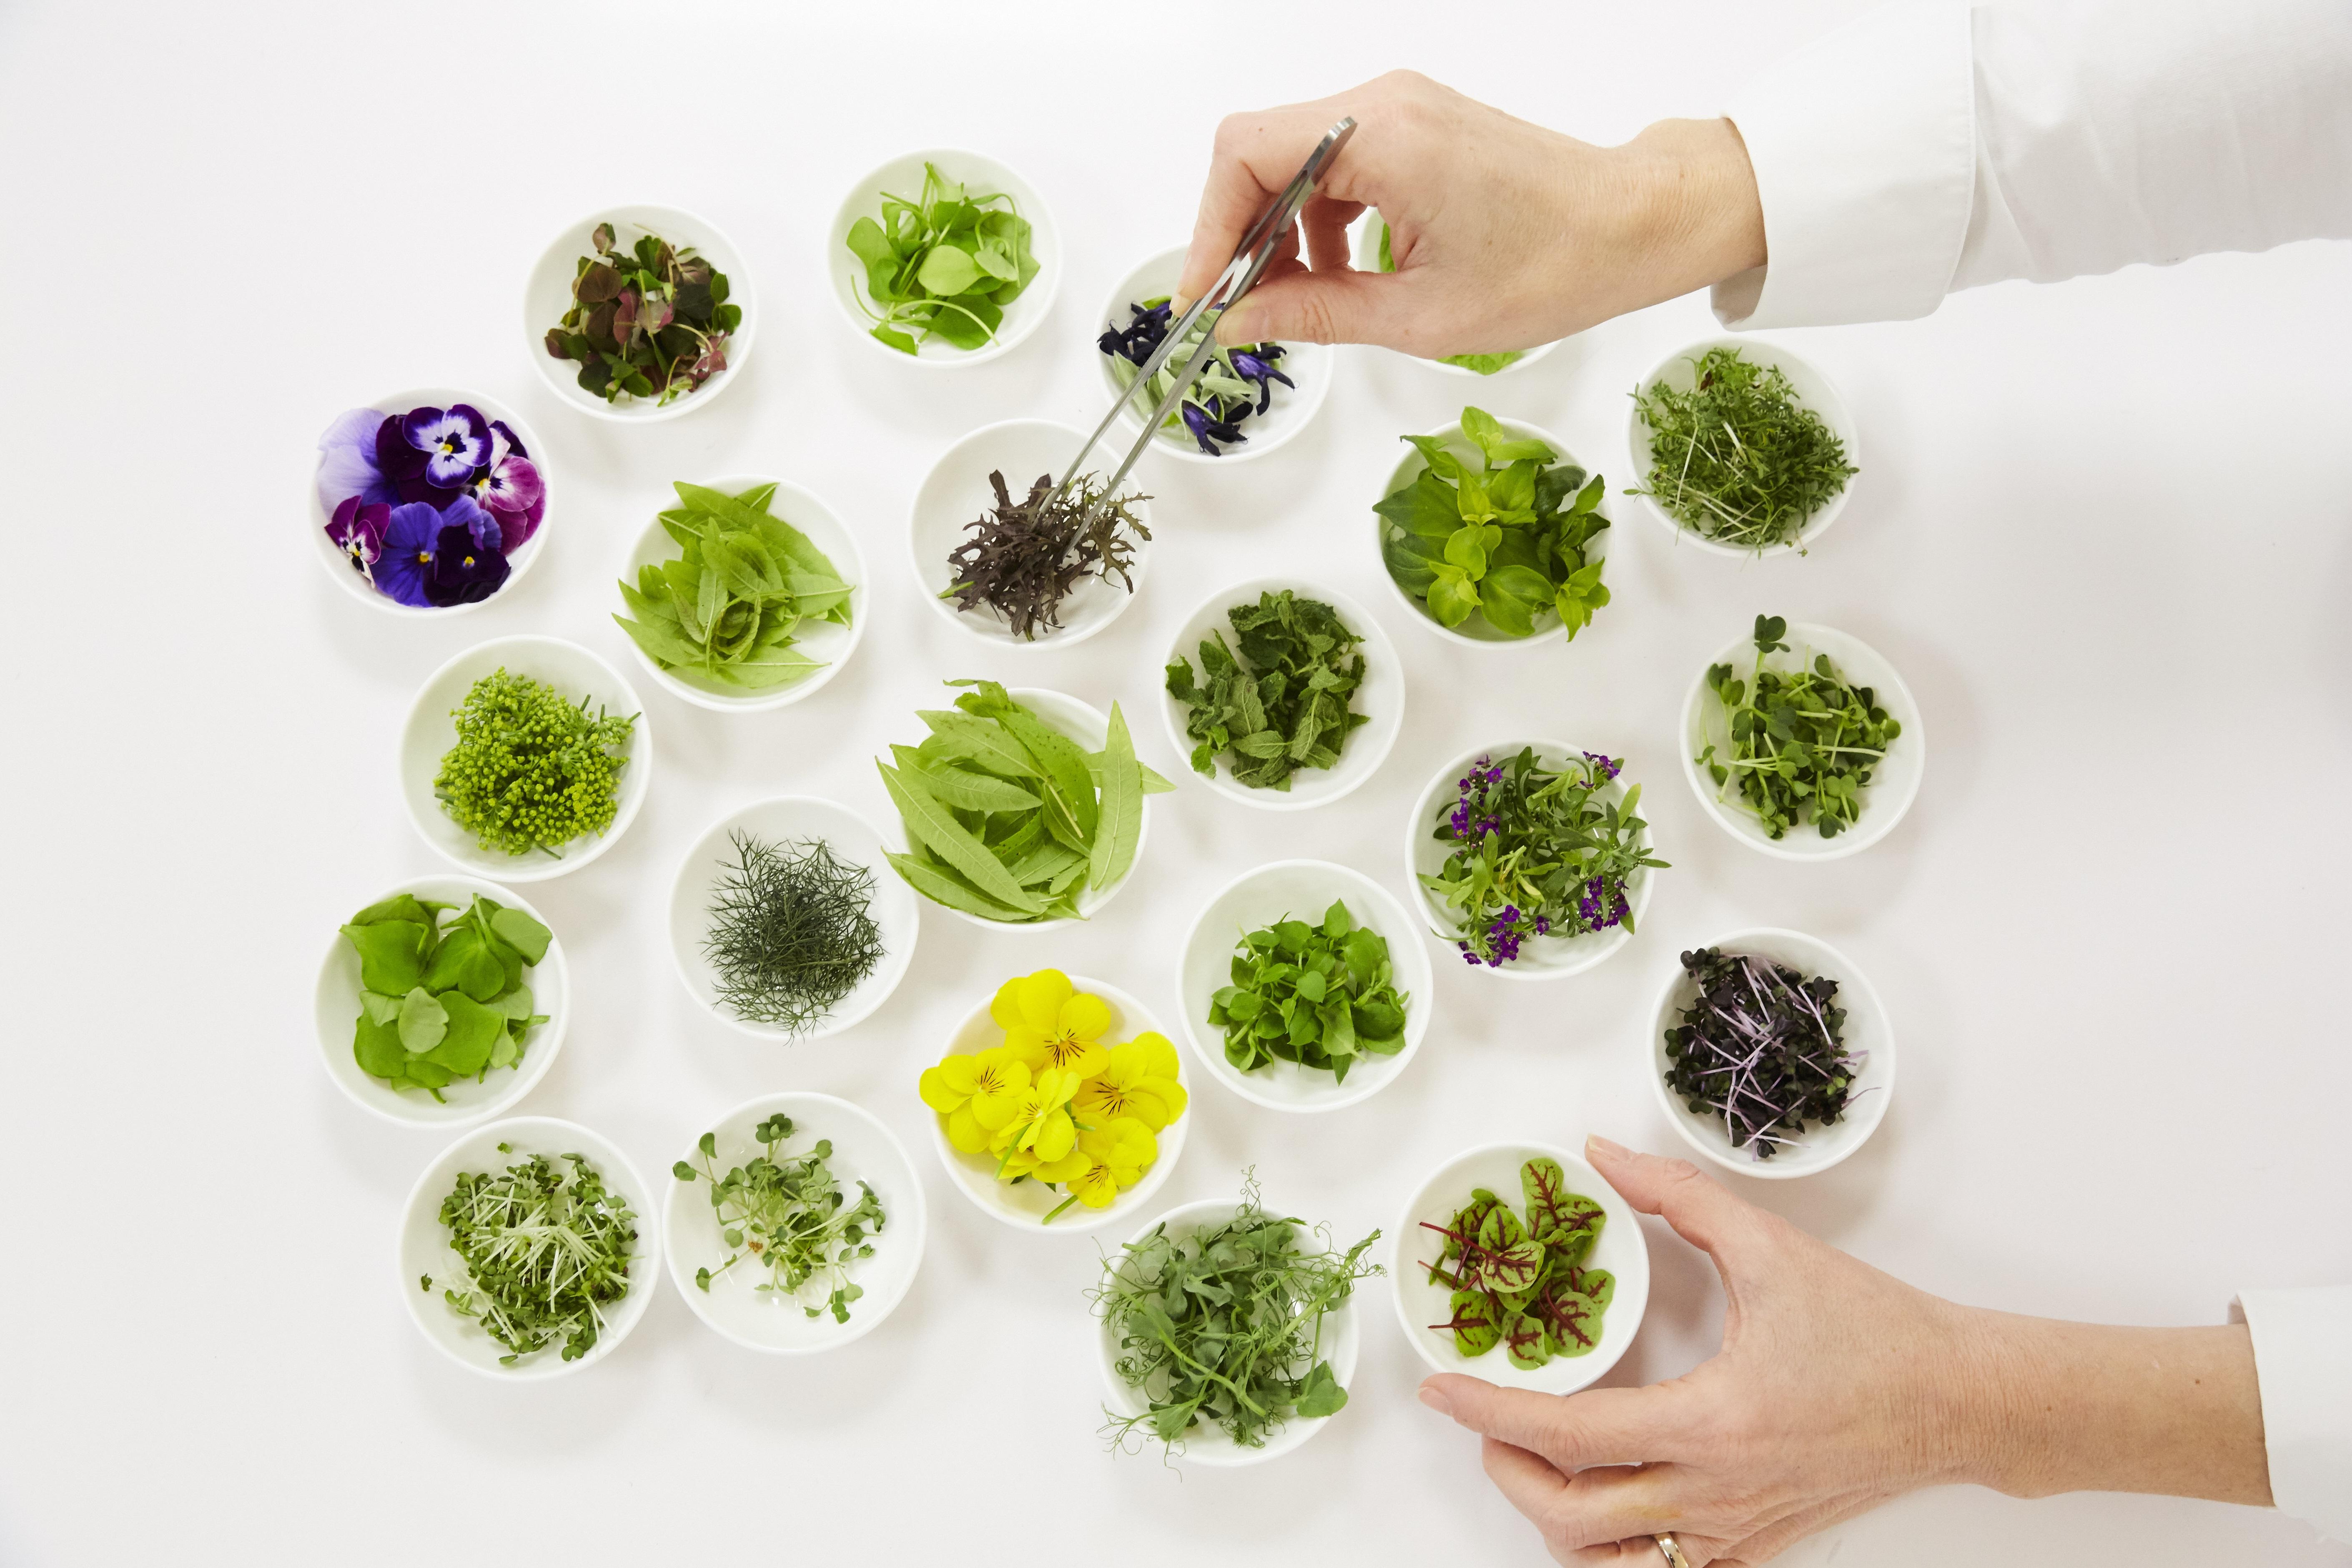 LDDPL Herbs